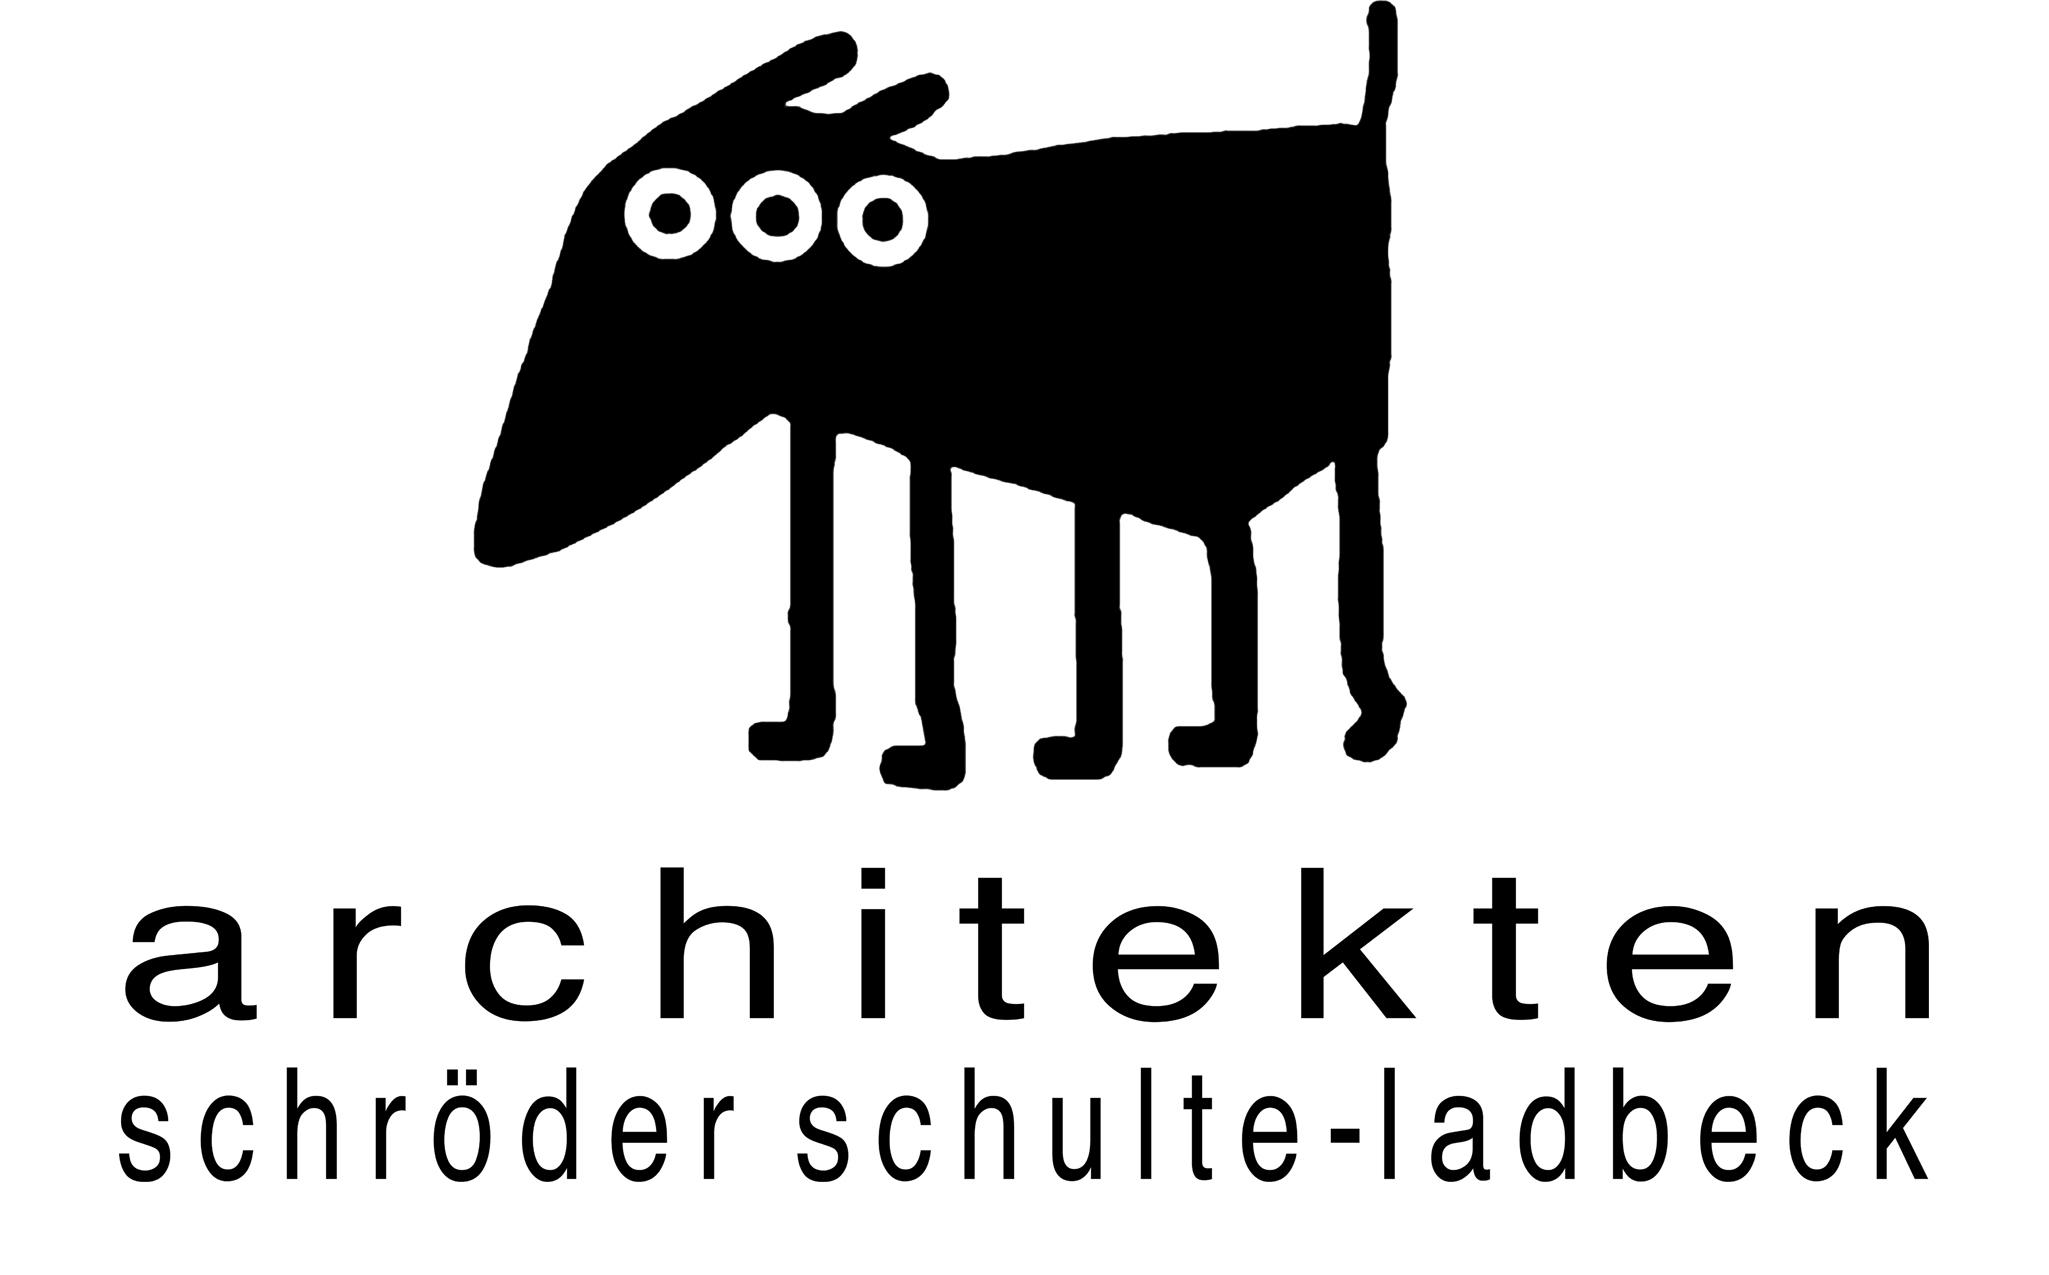 Architekten Finden datei logo architekten jpg